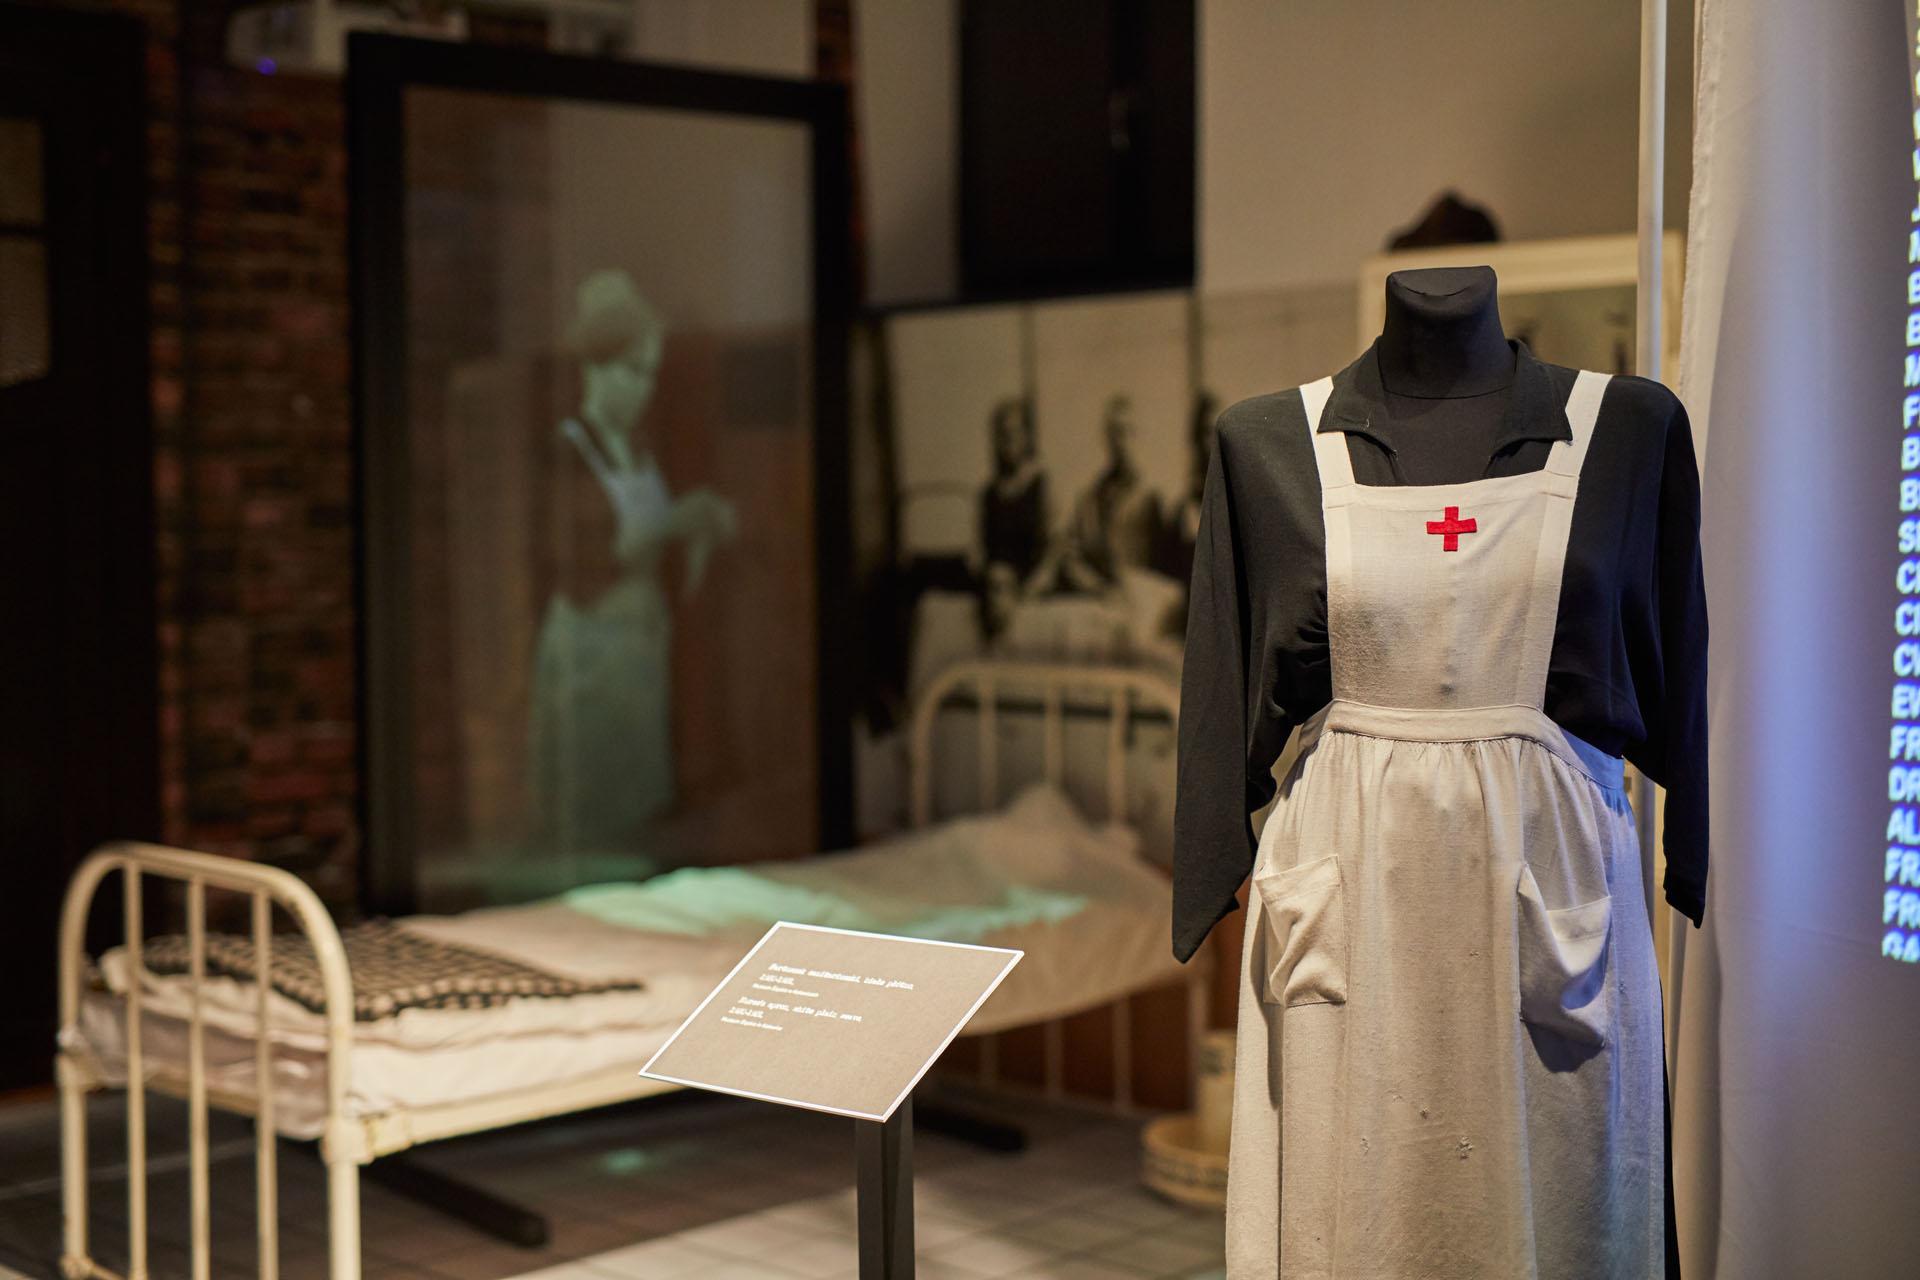 zdjęcie z wystawy, na pierwszym planie kukła ubrana w biały fartuch sanitariuszki z czerwonym krzyżem